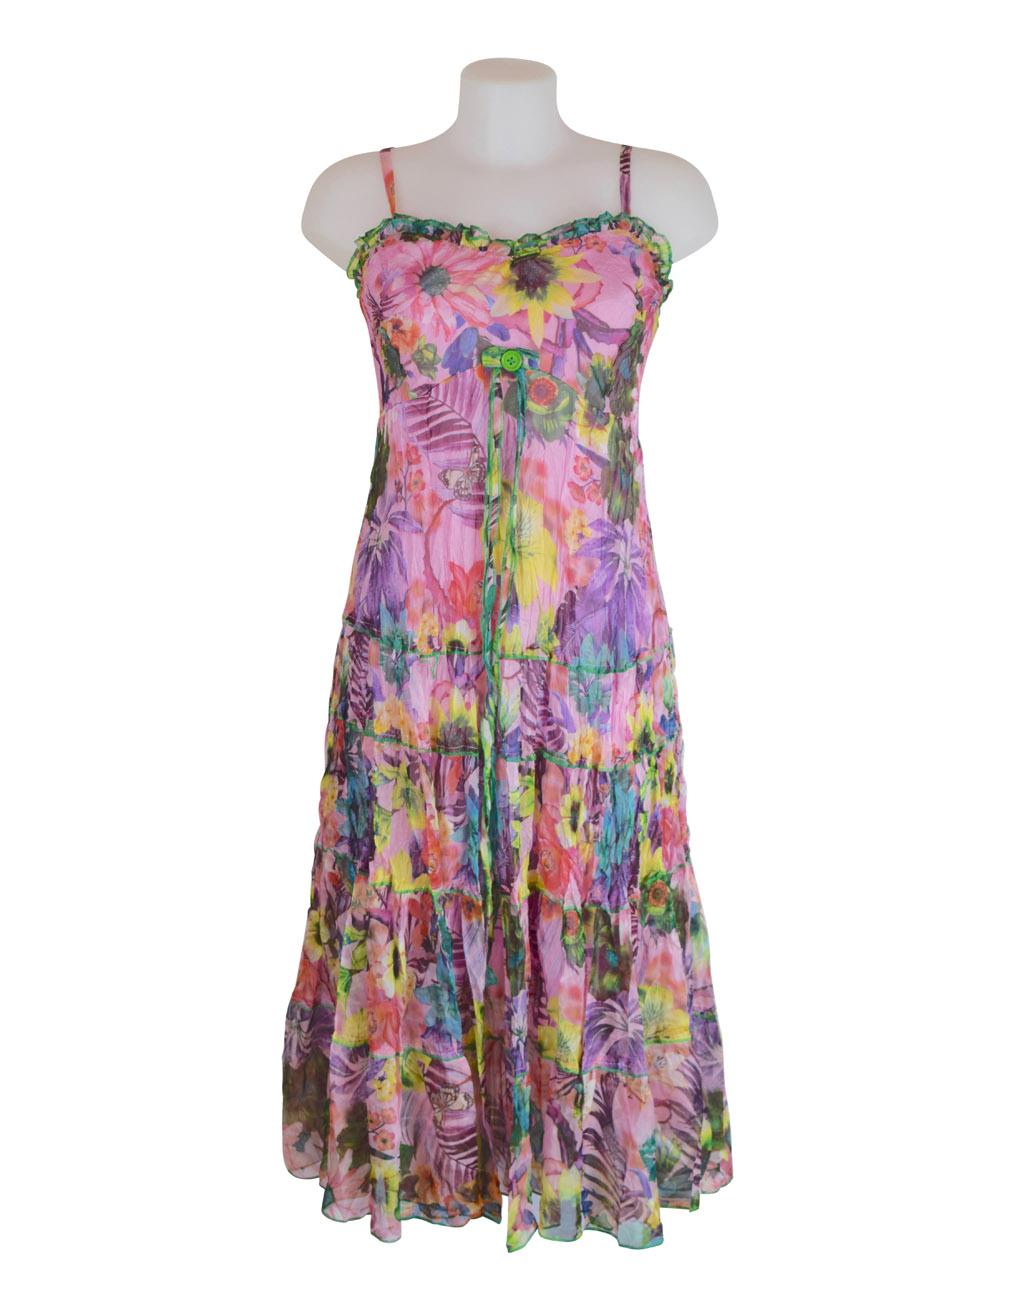 Sensations Pour Elle's Pink Maxie Dress